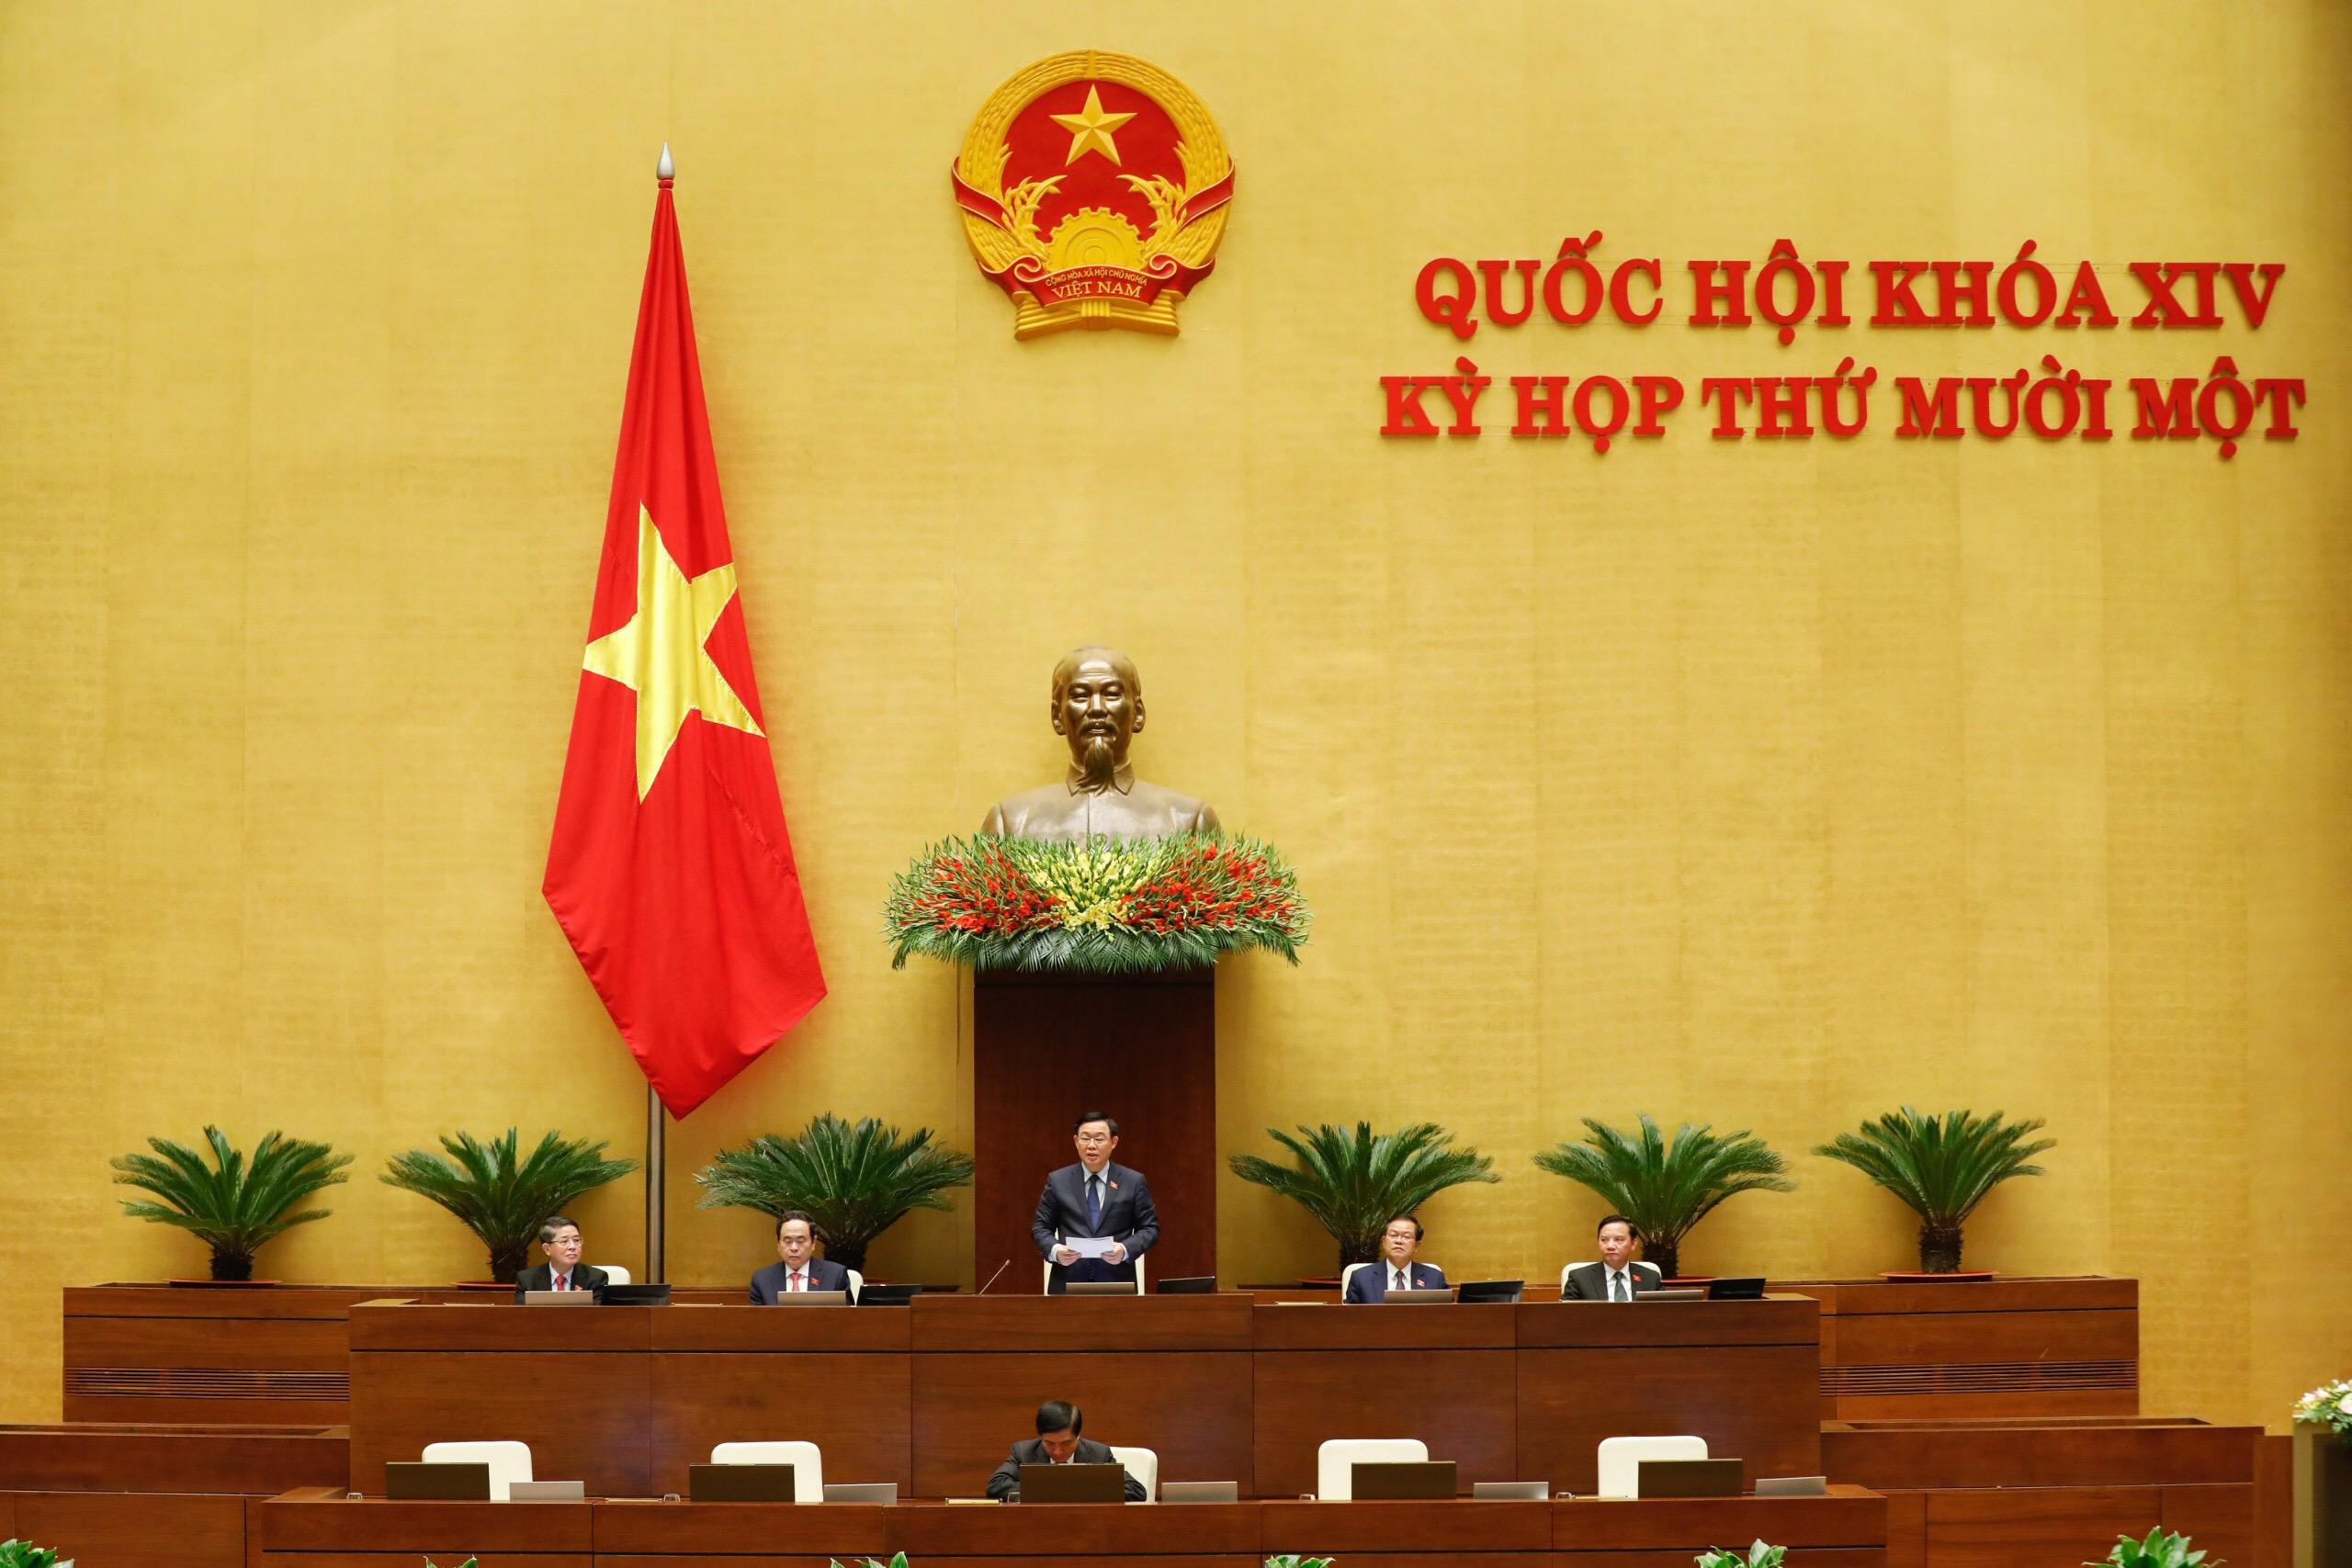 Quốc hội phê chuẩn việc bổ nhiệm 2 Phó Thủ tướng và 12 thành viên Chính phủ - Ảnh 3